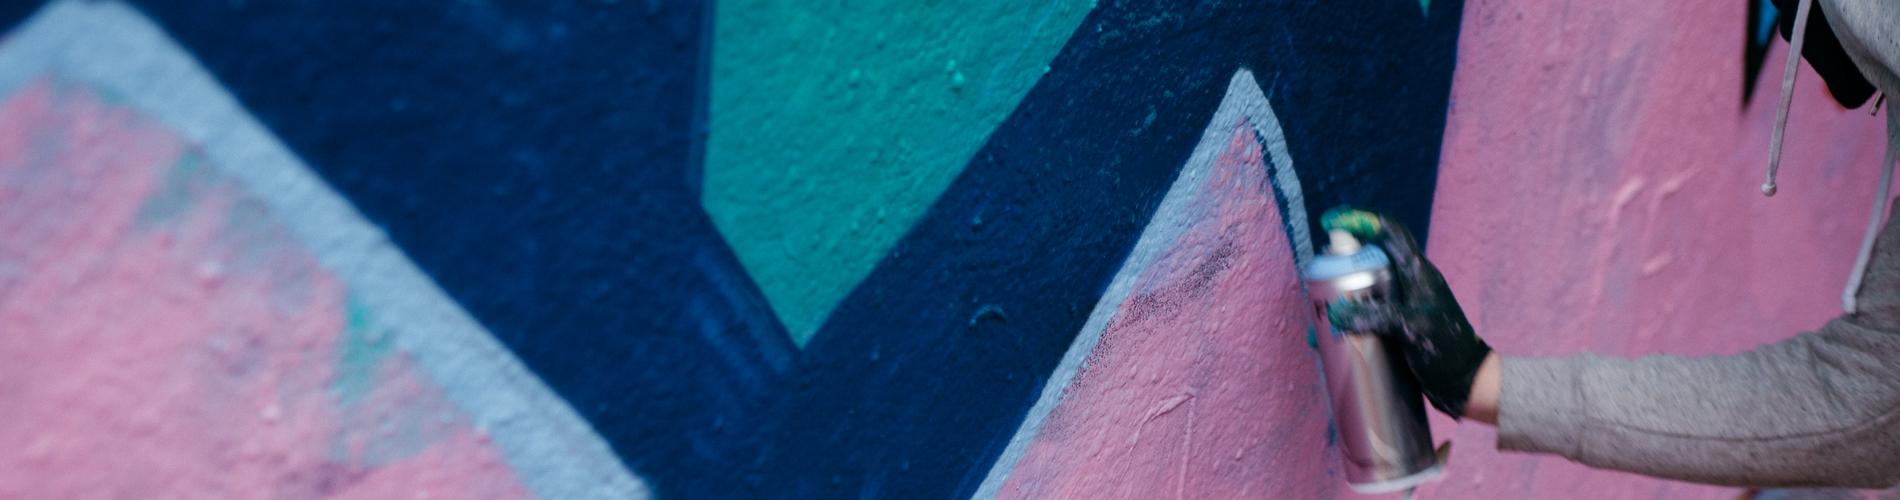 graffiti-verwijderen-header